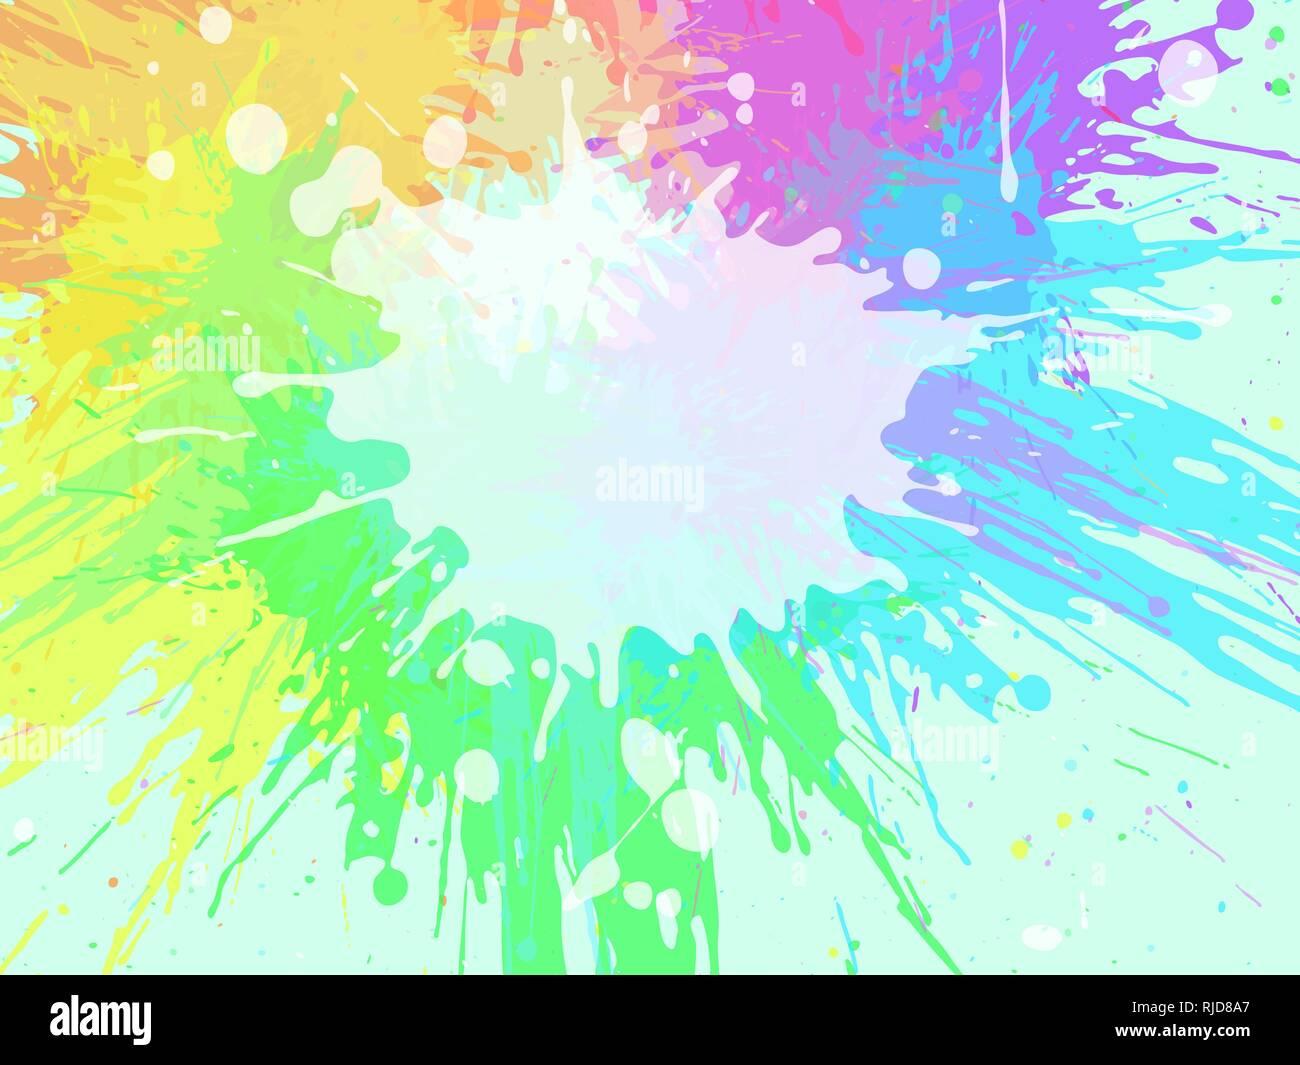 Abstract sfondo grunge, vettore Immagini Stock